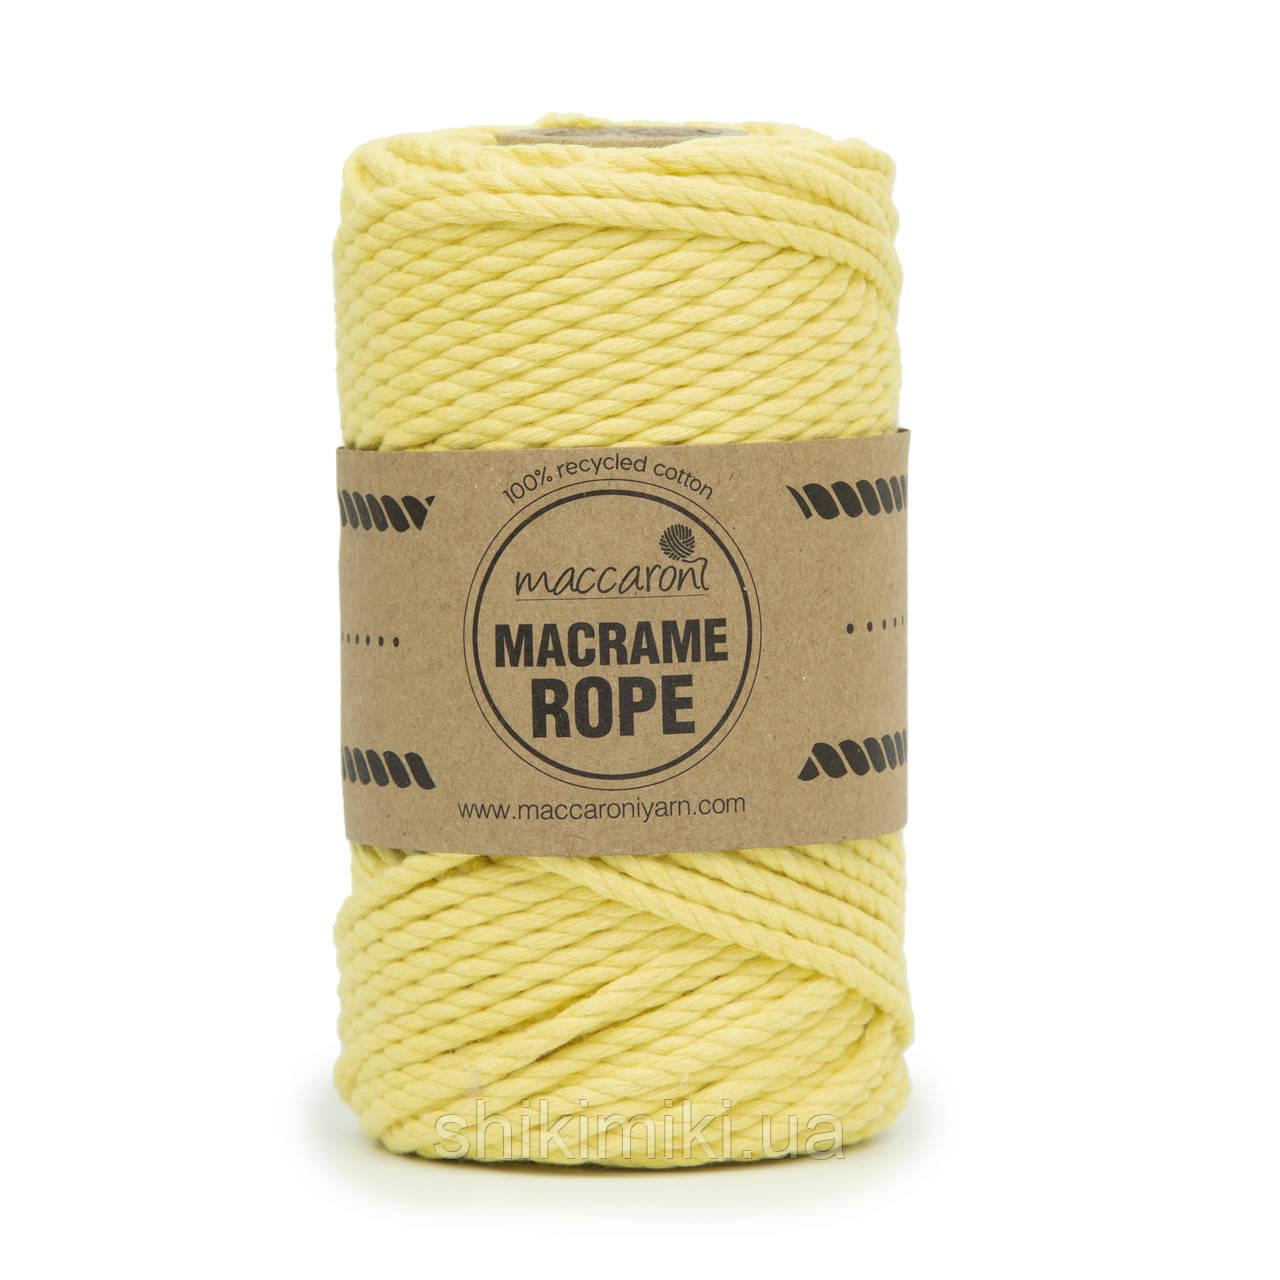 Эко шнур Macrame Rope 4mm, цвет желтый